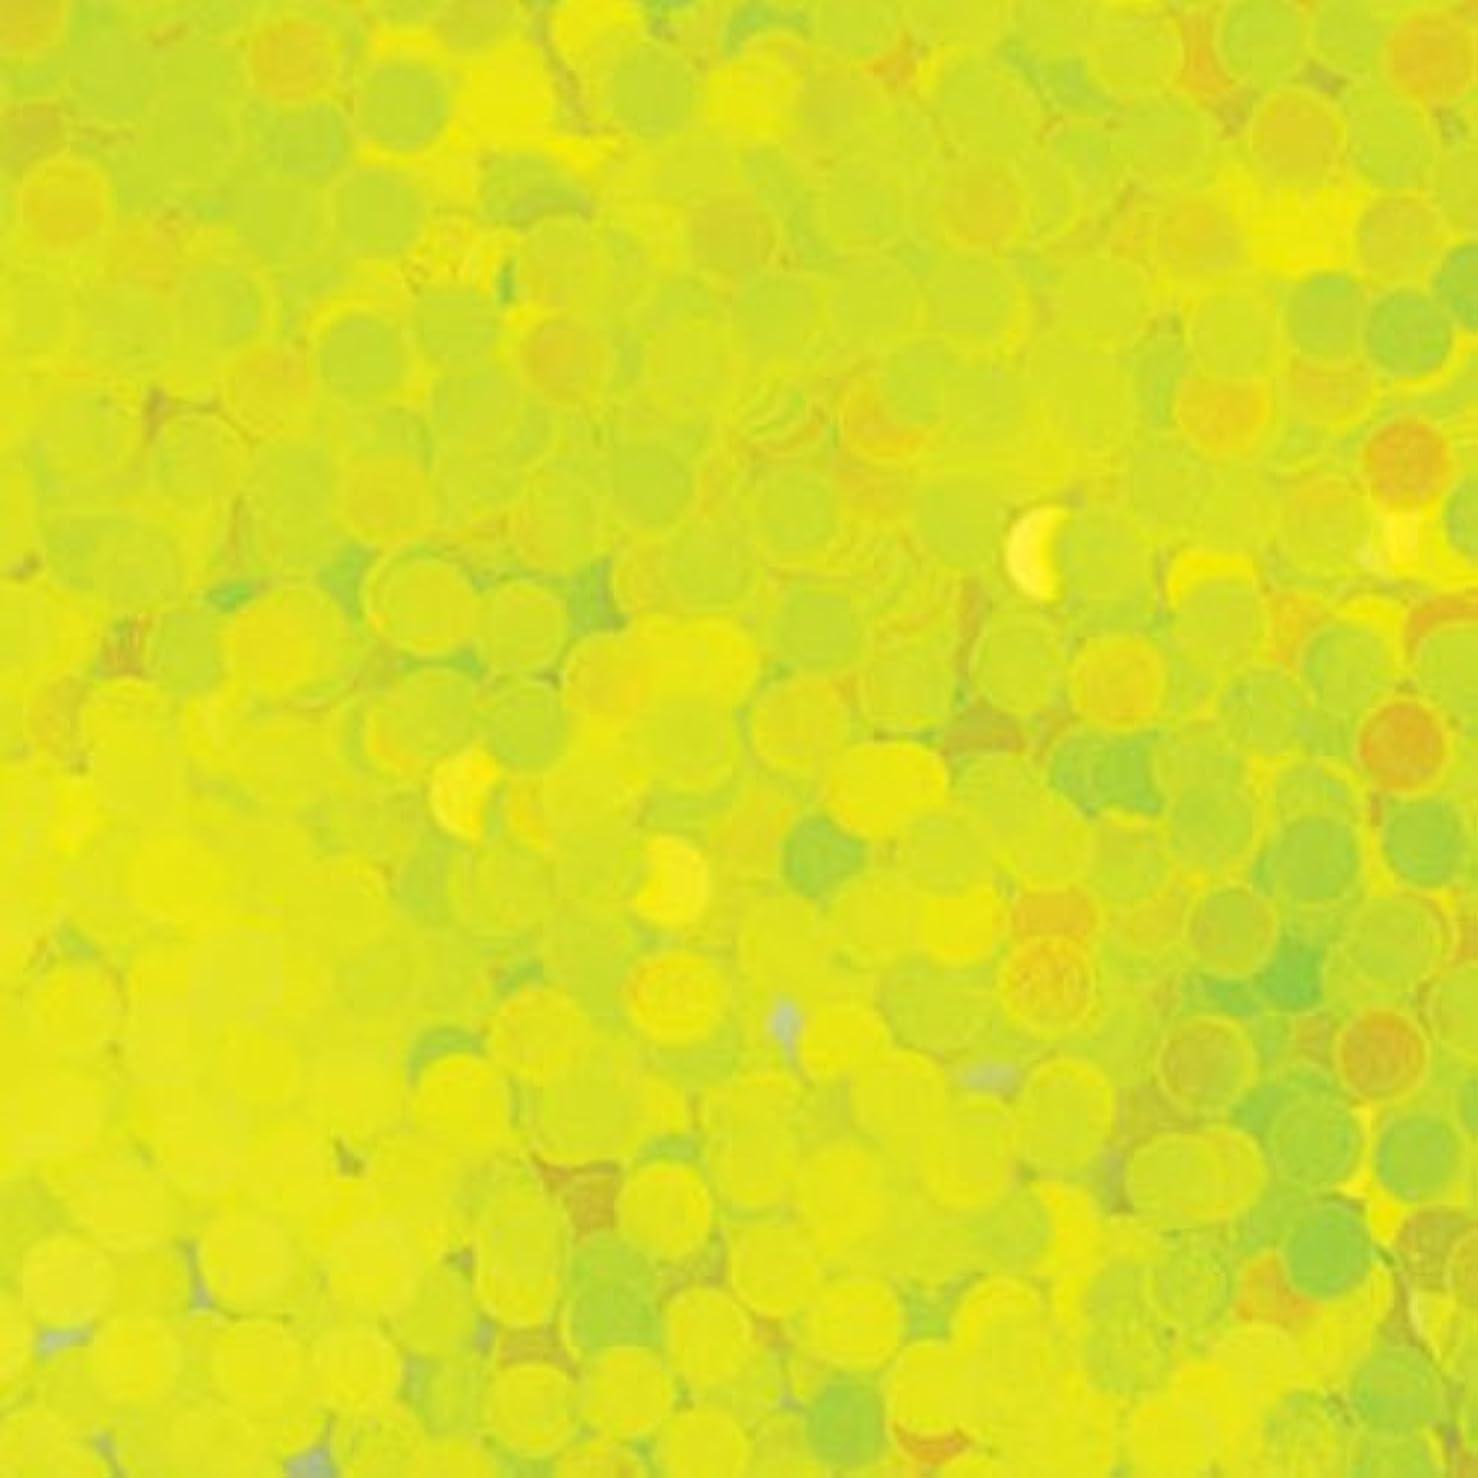 明るい古くなったスキャンダルピカエース ネイル用パウダー 丸蛍光 2mm #446 レモン 0.5g